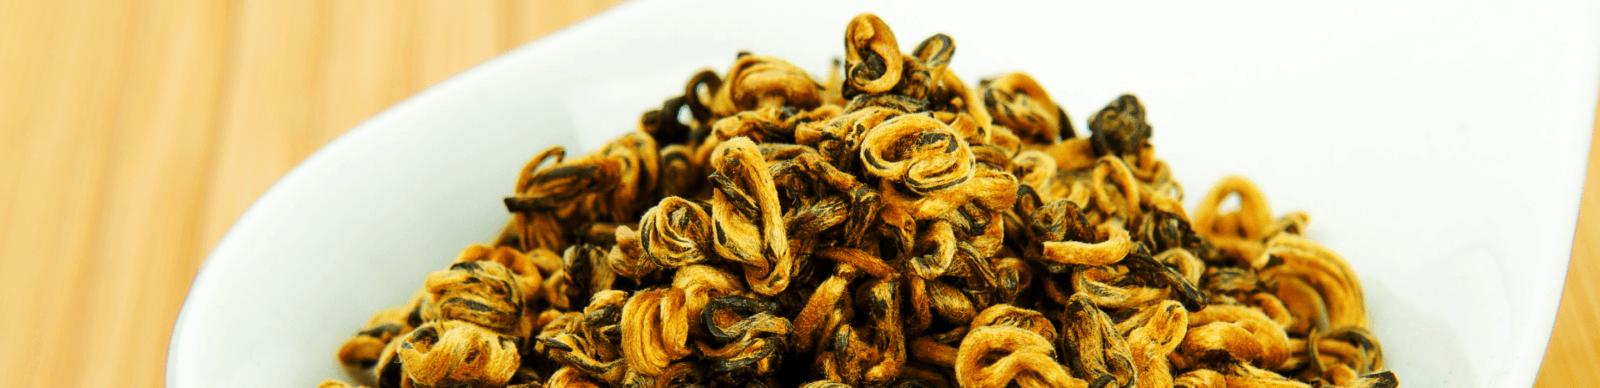 Купить китайский чай Спирали оптом и в розницу - магазин чая ПУТЬ ЧАЯ .рф